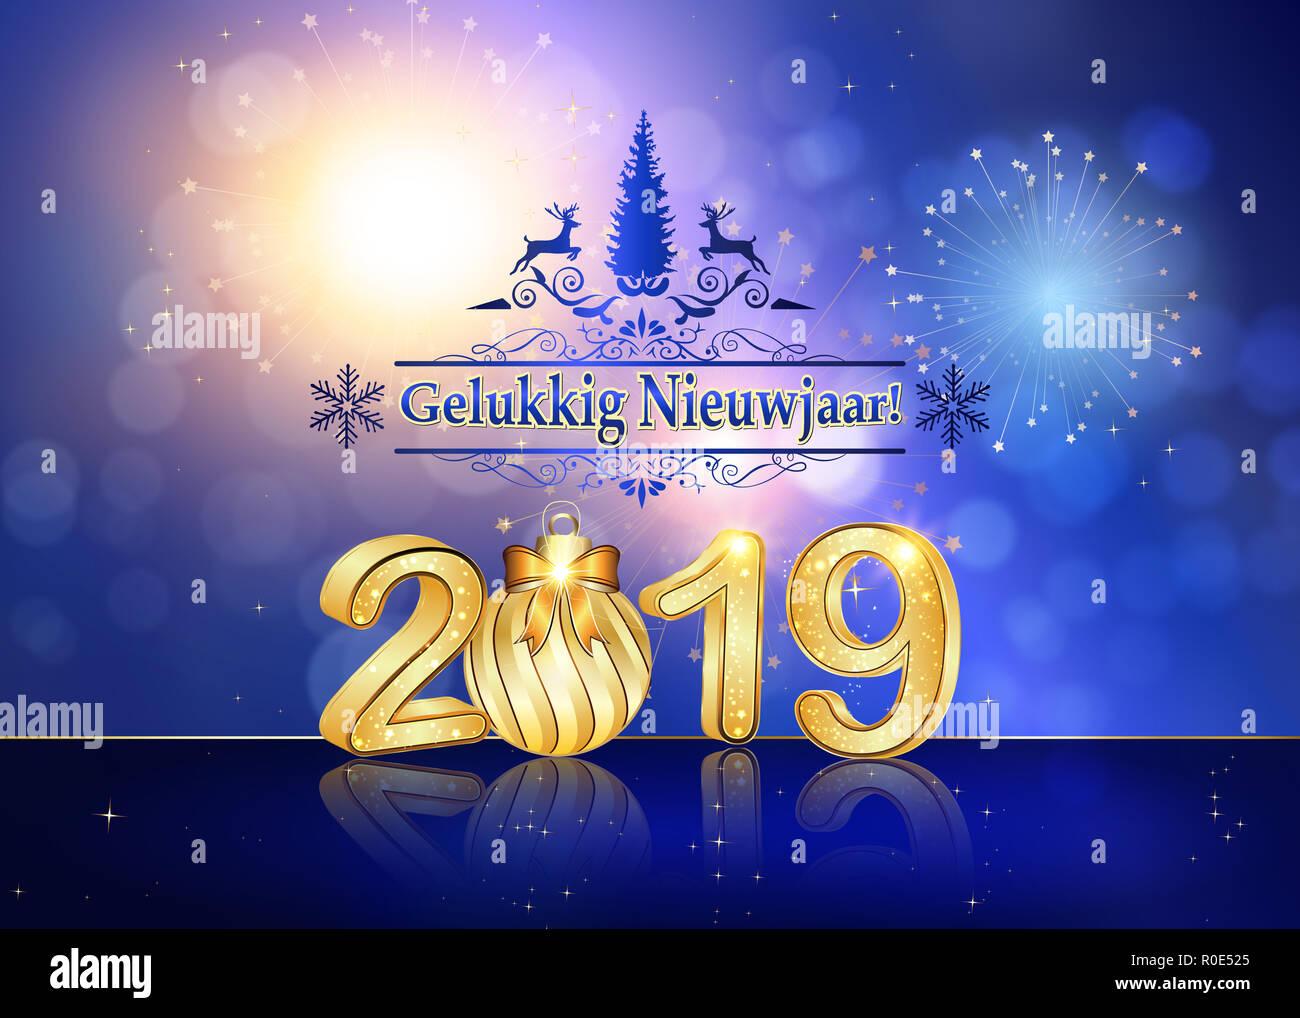 Frohe Weihnachten Und Ein Gutes Neues Jahr Holländisch.Niederländisch Dankeschön Karte Stockfotos Niederländisch